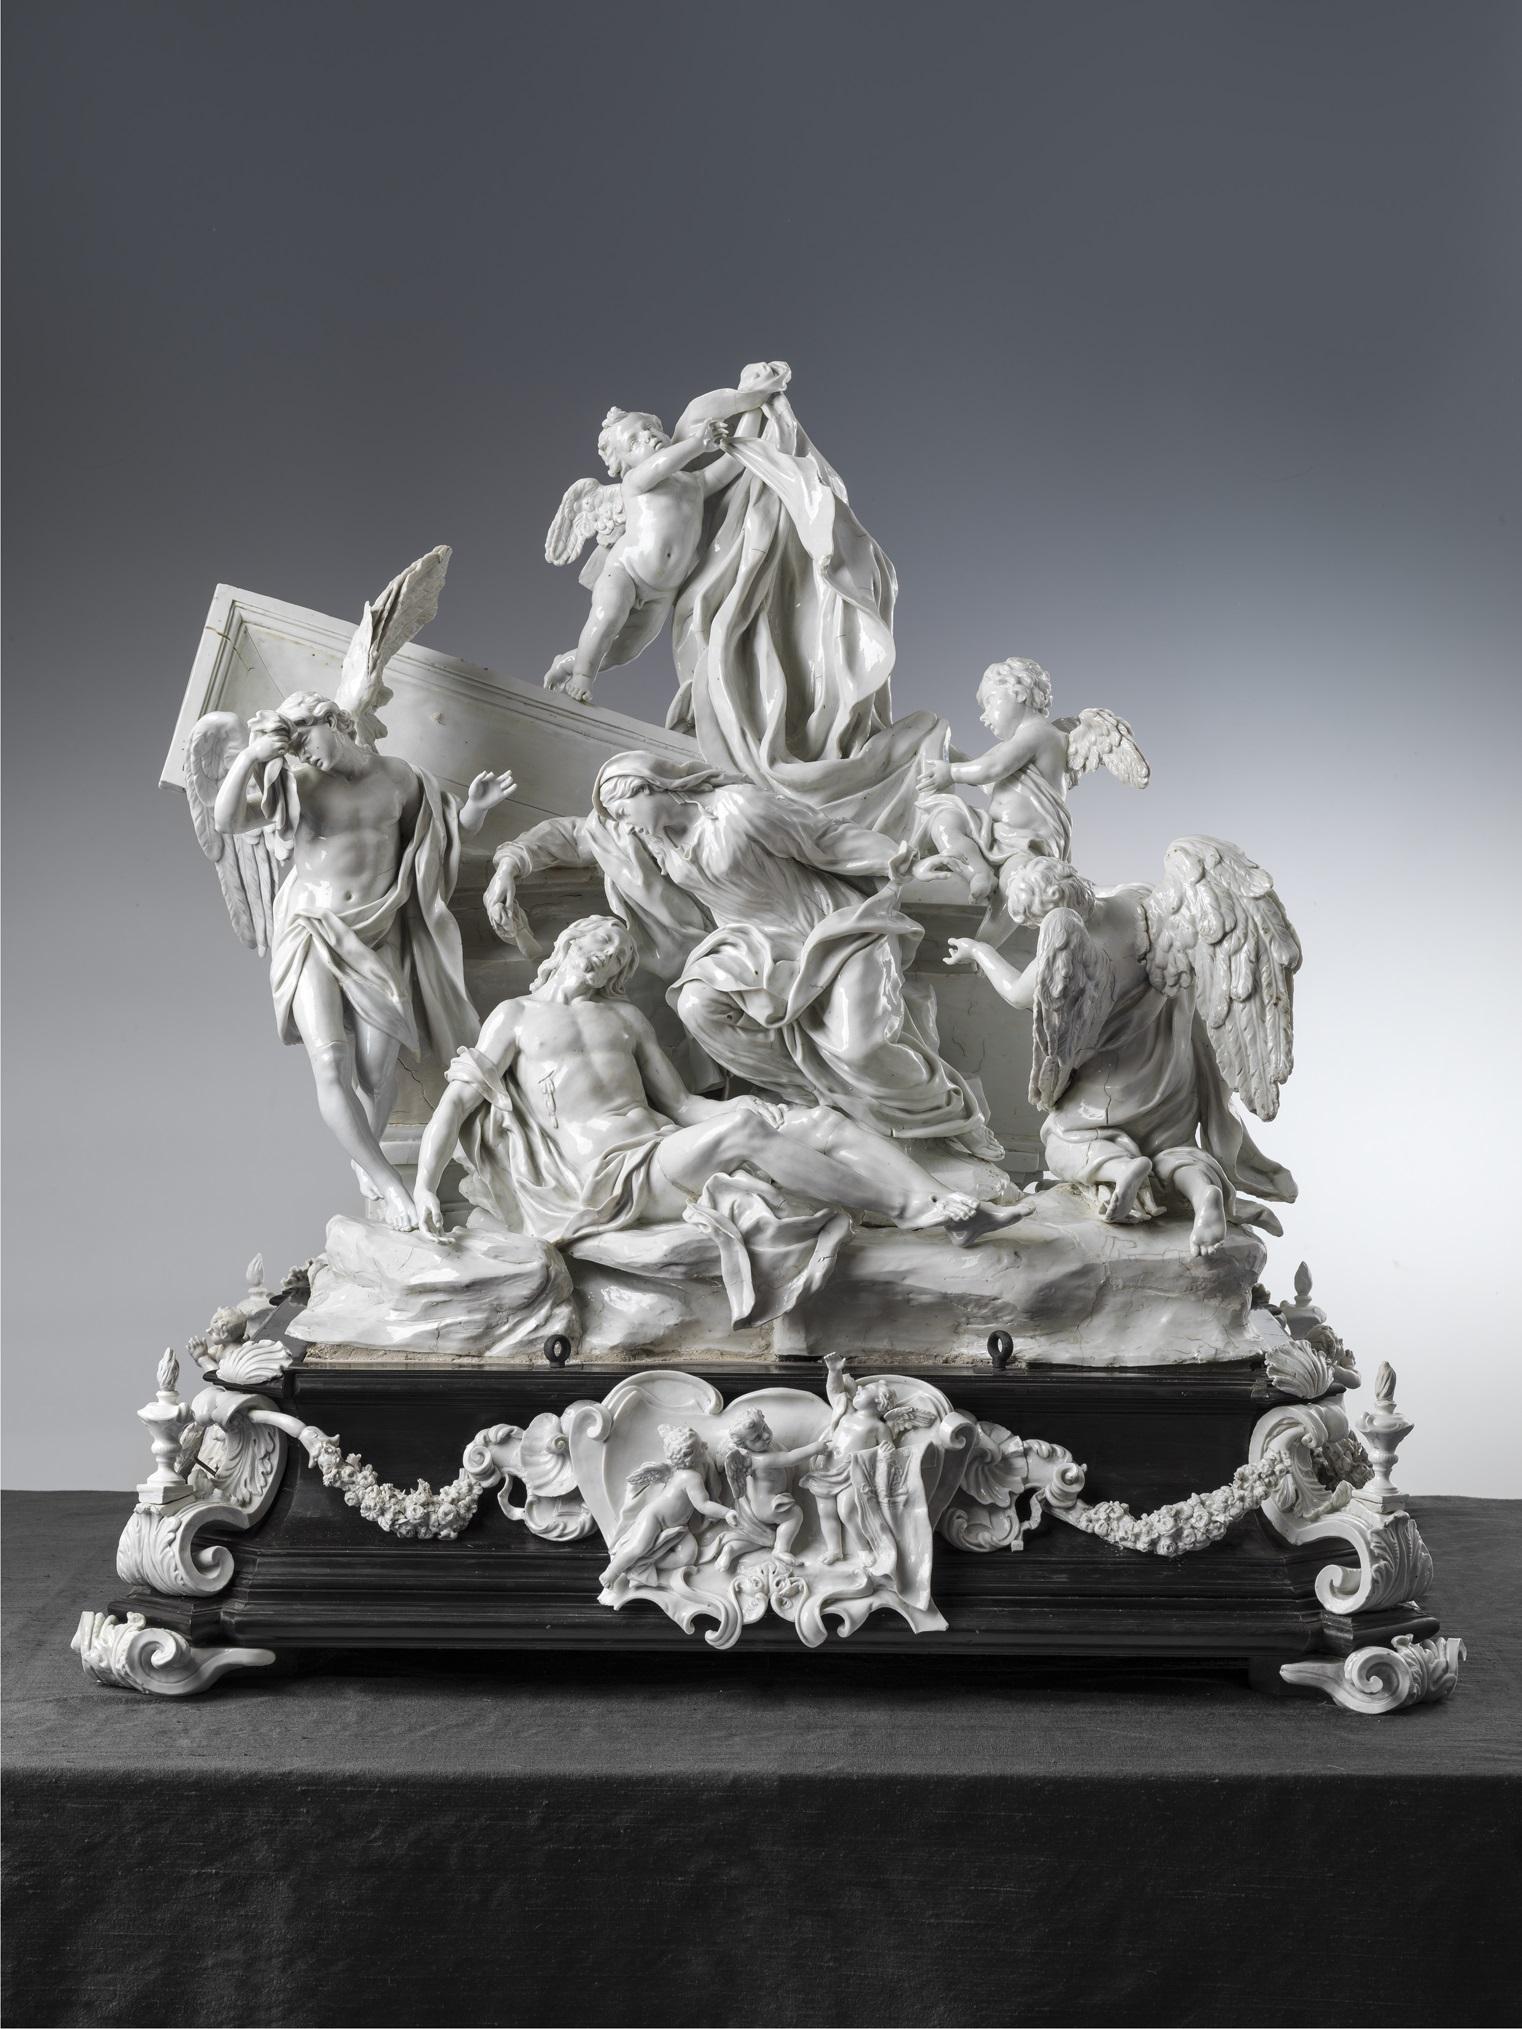 Manifattura di Doccia, Gaspero Bruschi, Compianto sul corpo di Cristo, o Pietà (da Massimiliano Soldani Benzi), 1744-45, Porcellana. Firenze, Galleria Corsini